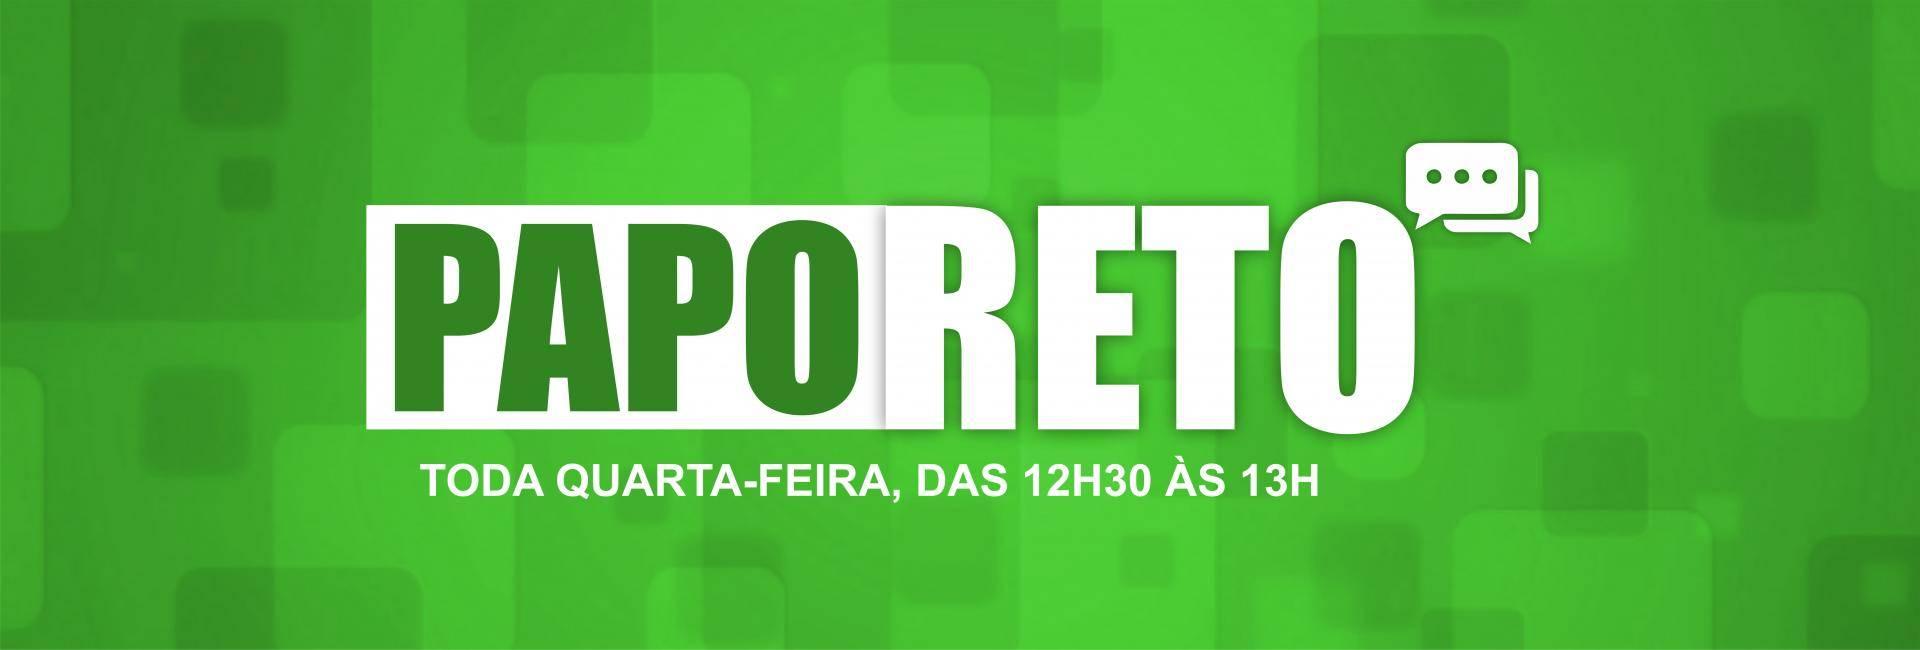 Programa PAPO RETO estreia nesta quarta-feira, às 12h30